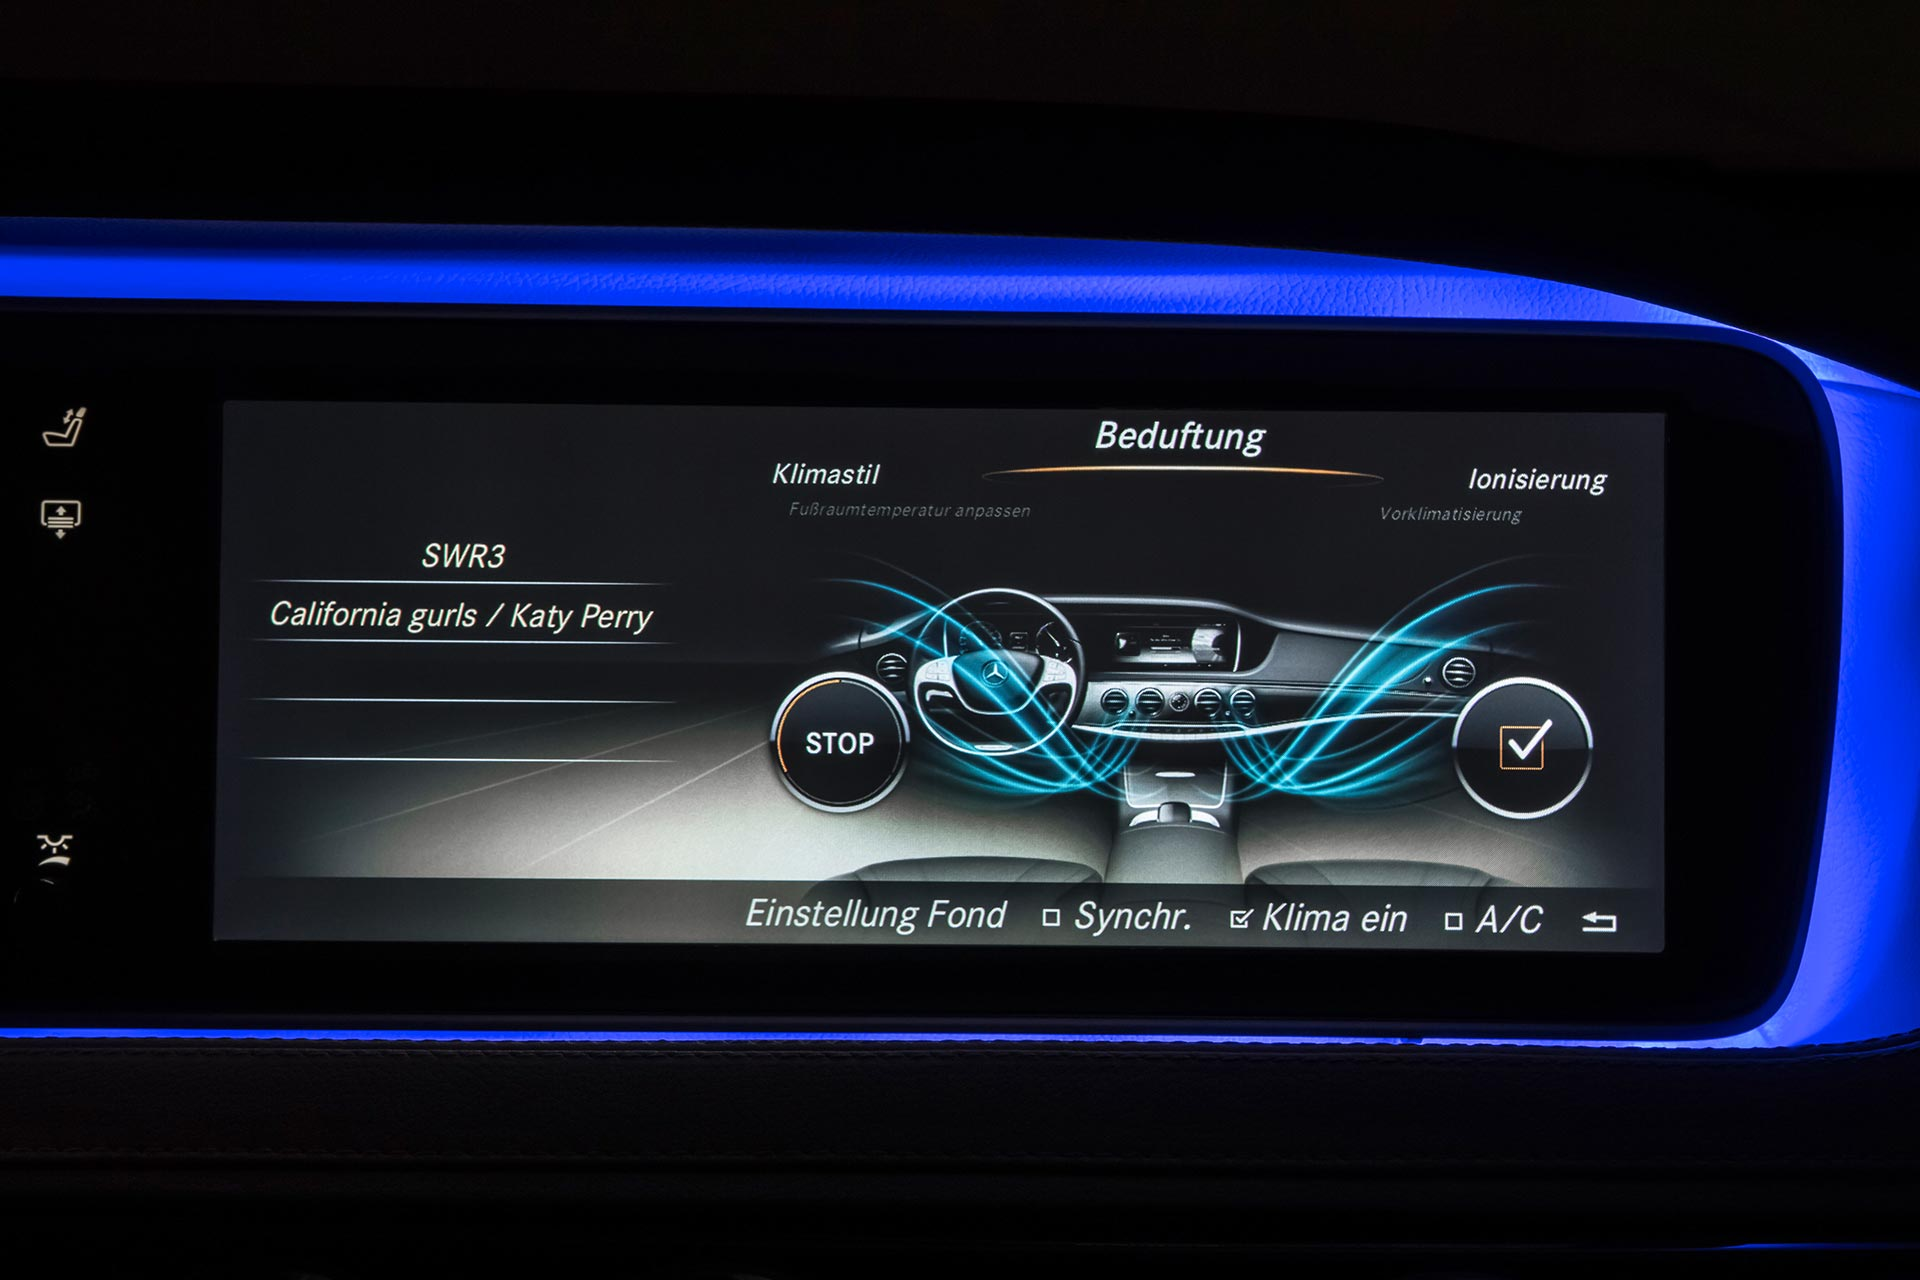 Mercedes-Benz S-Klasse der Baureihe 222 (2013 bis 2020). Eine Weltneuheit ist das AIR-BALANCE-Paket. Die Intensität der Beduftung lässt sich über das COMAND-System einstellen. Foto aus dem Jahr 2013.